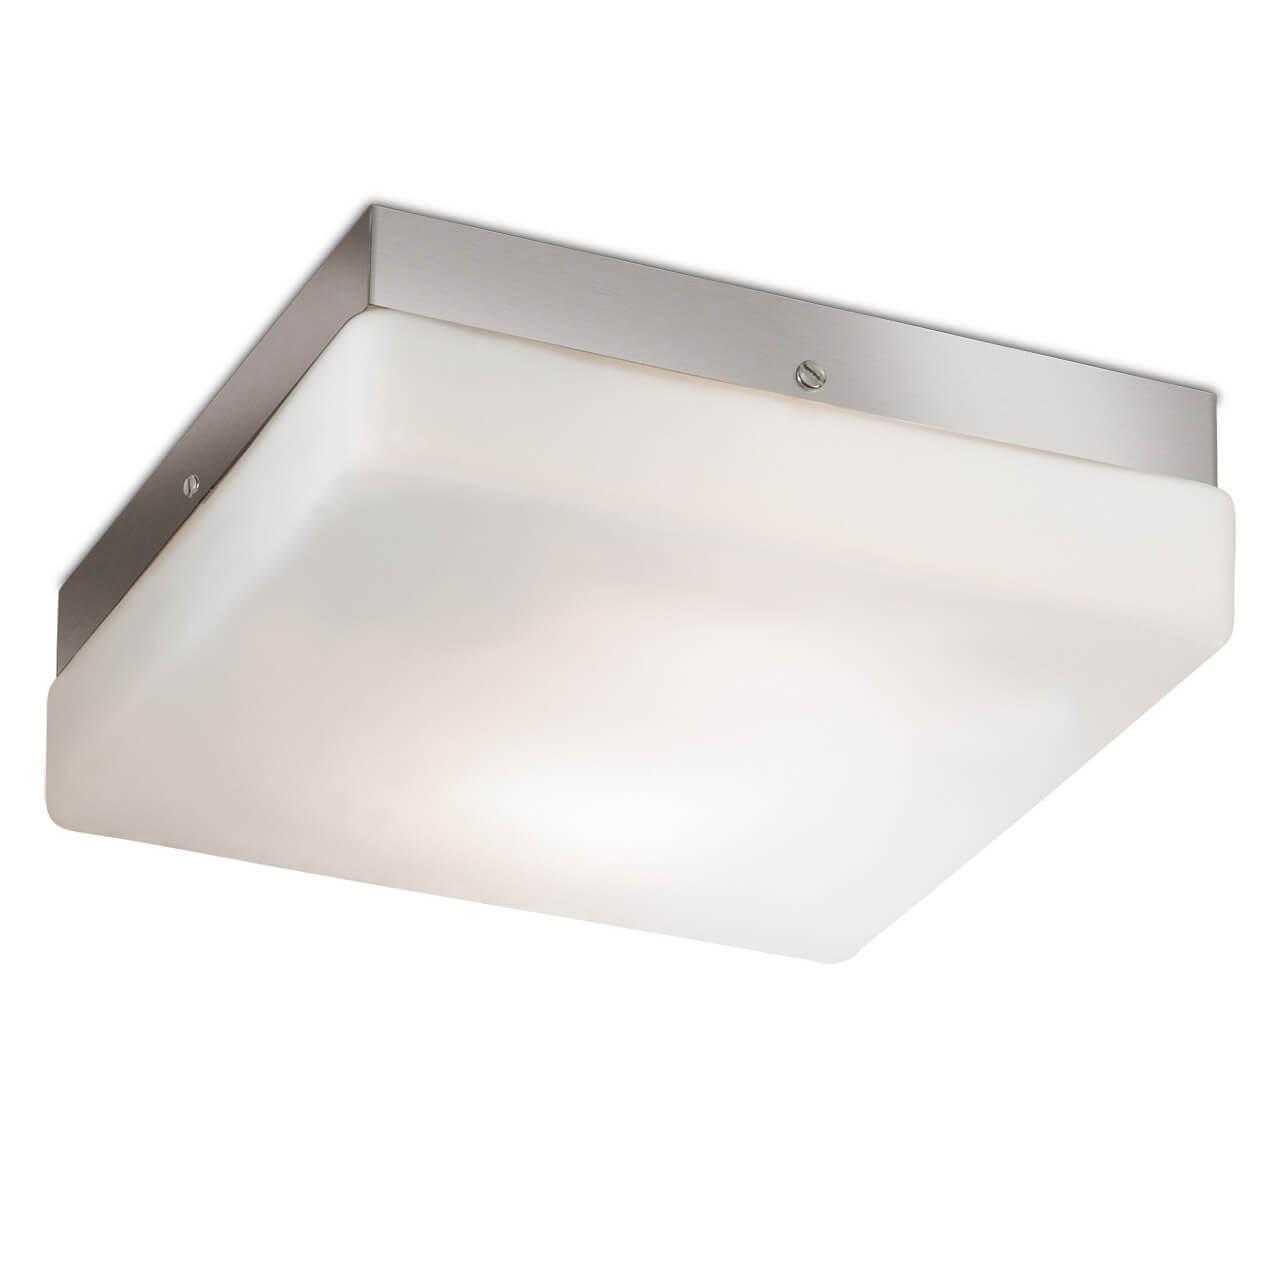 Потолочный светильник Odeon Light Hill 2406/1C все цены